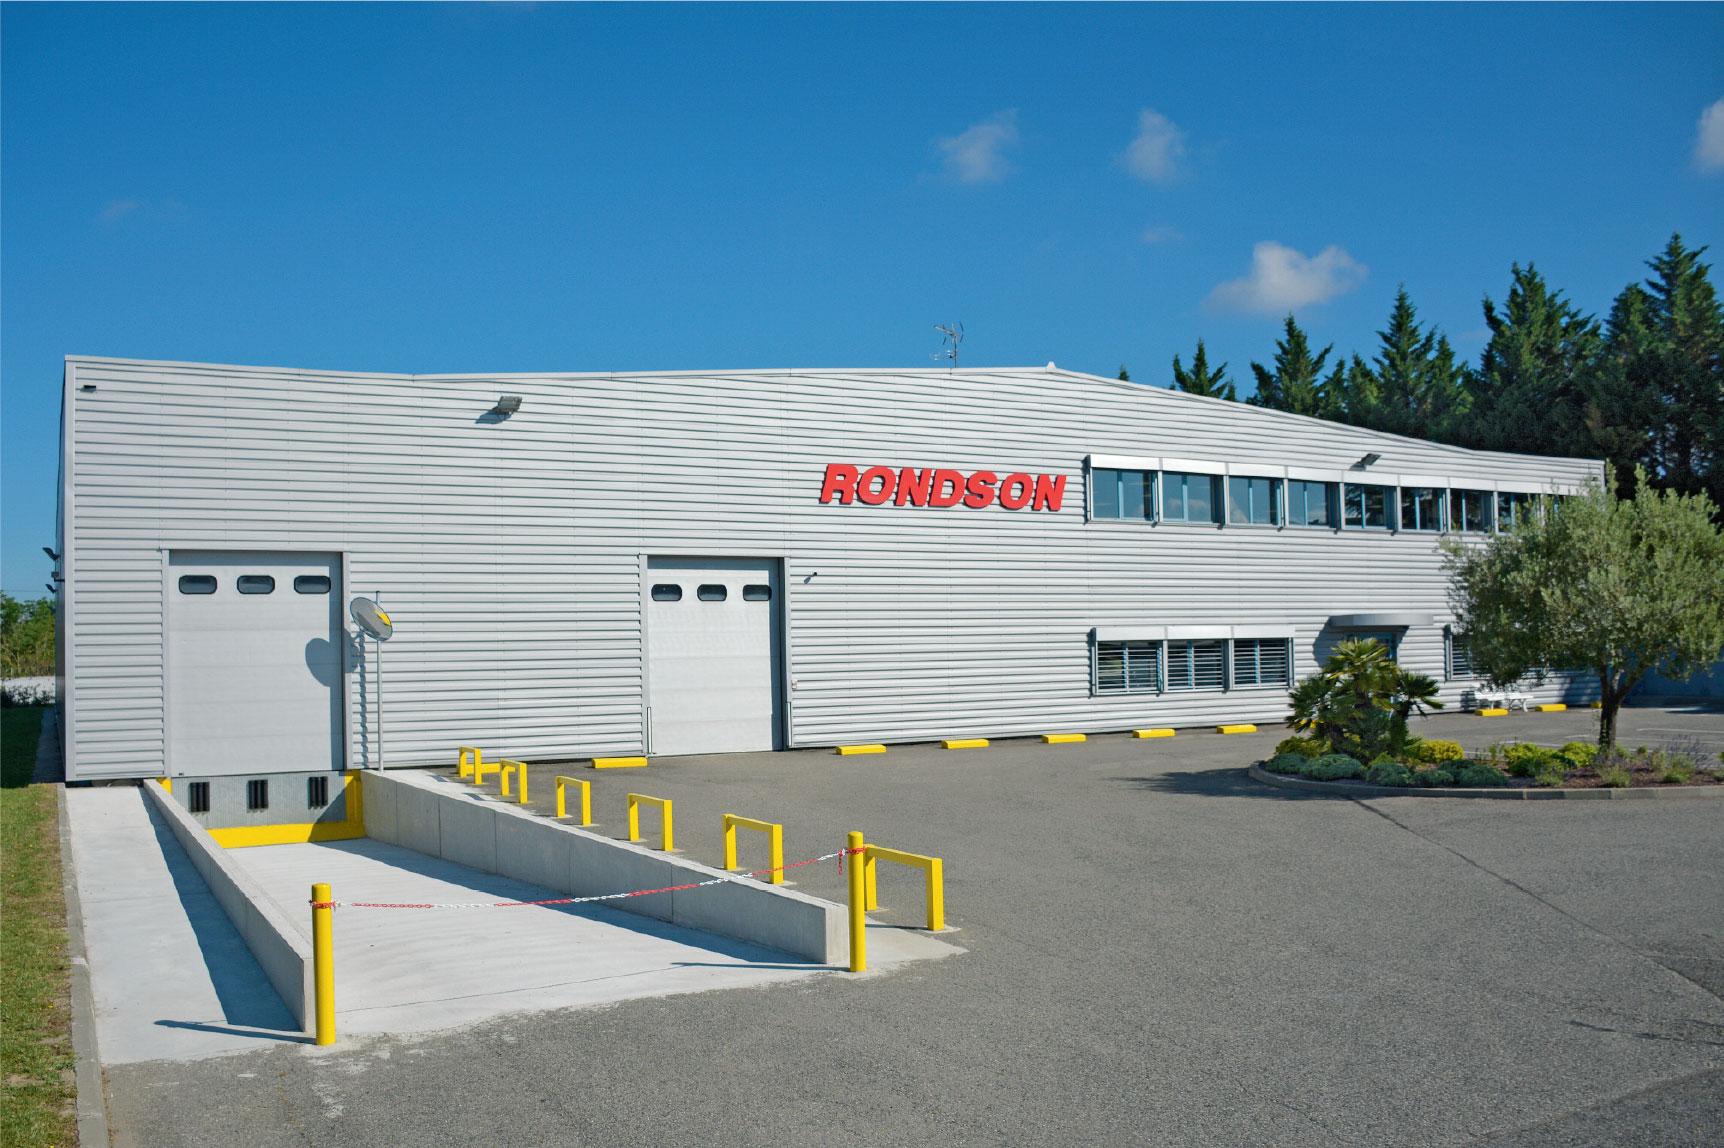 bureaux société Rondson